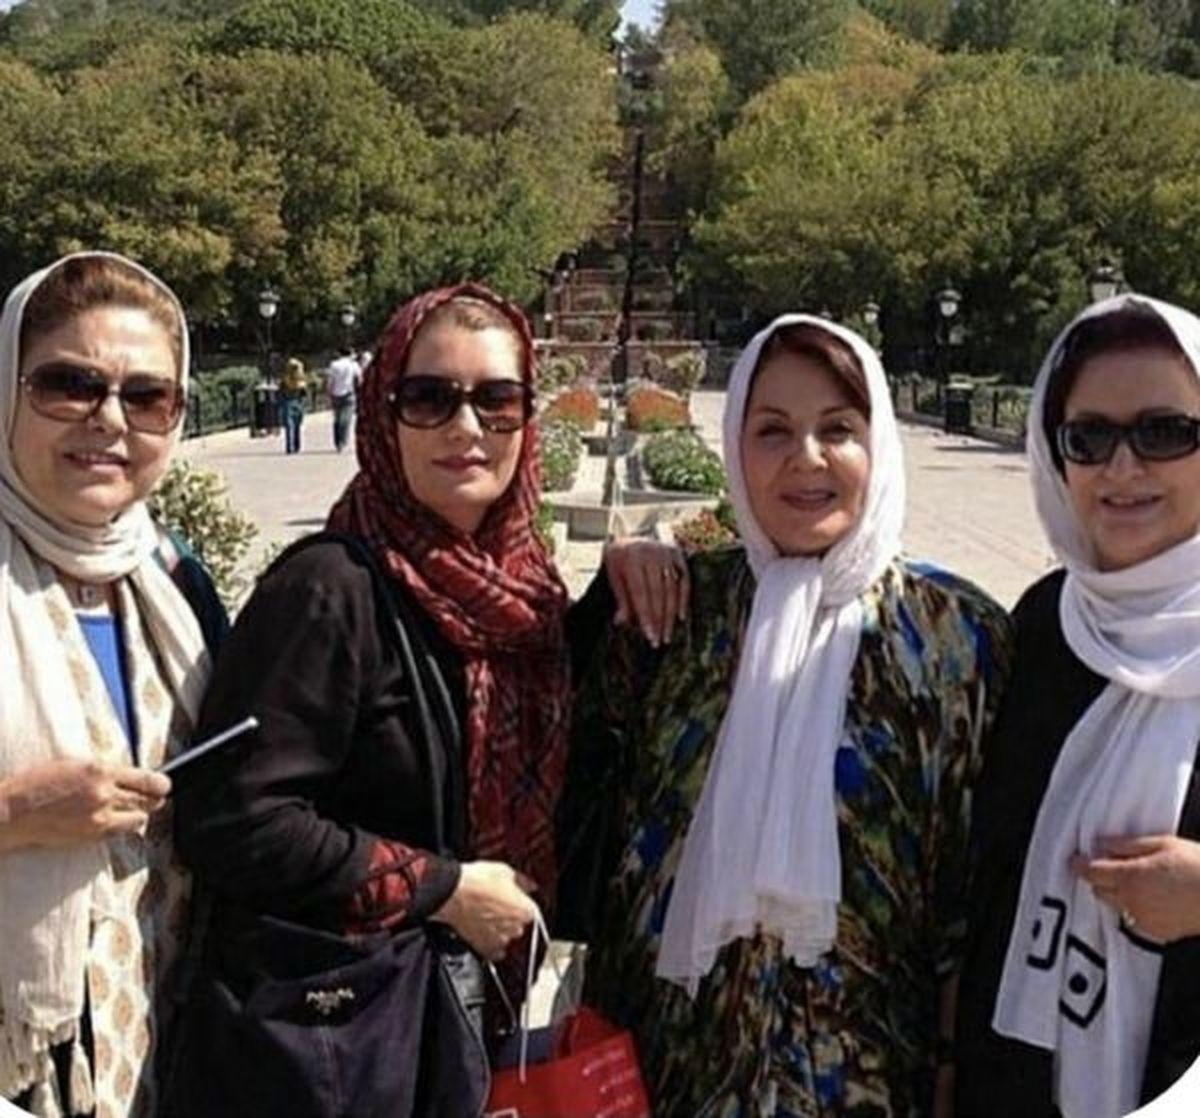 دورهمی بازیگران زن ایرانی در پارک +عکس